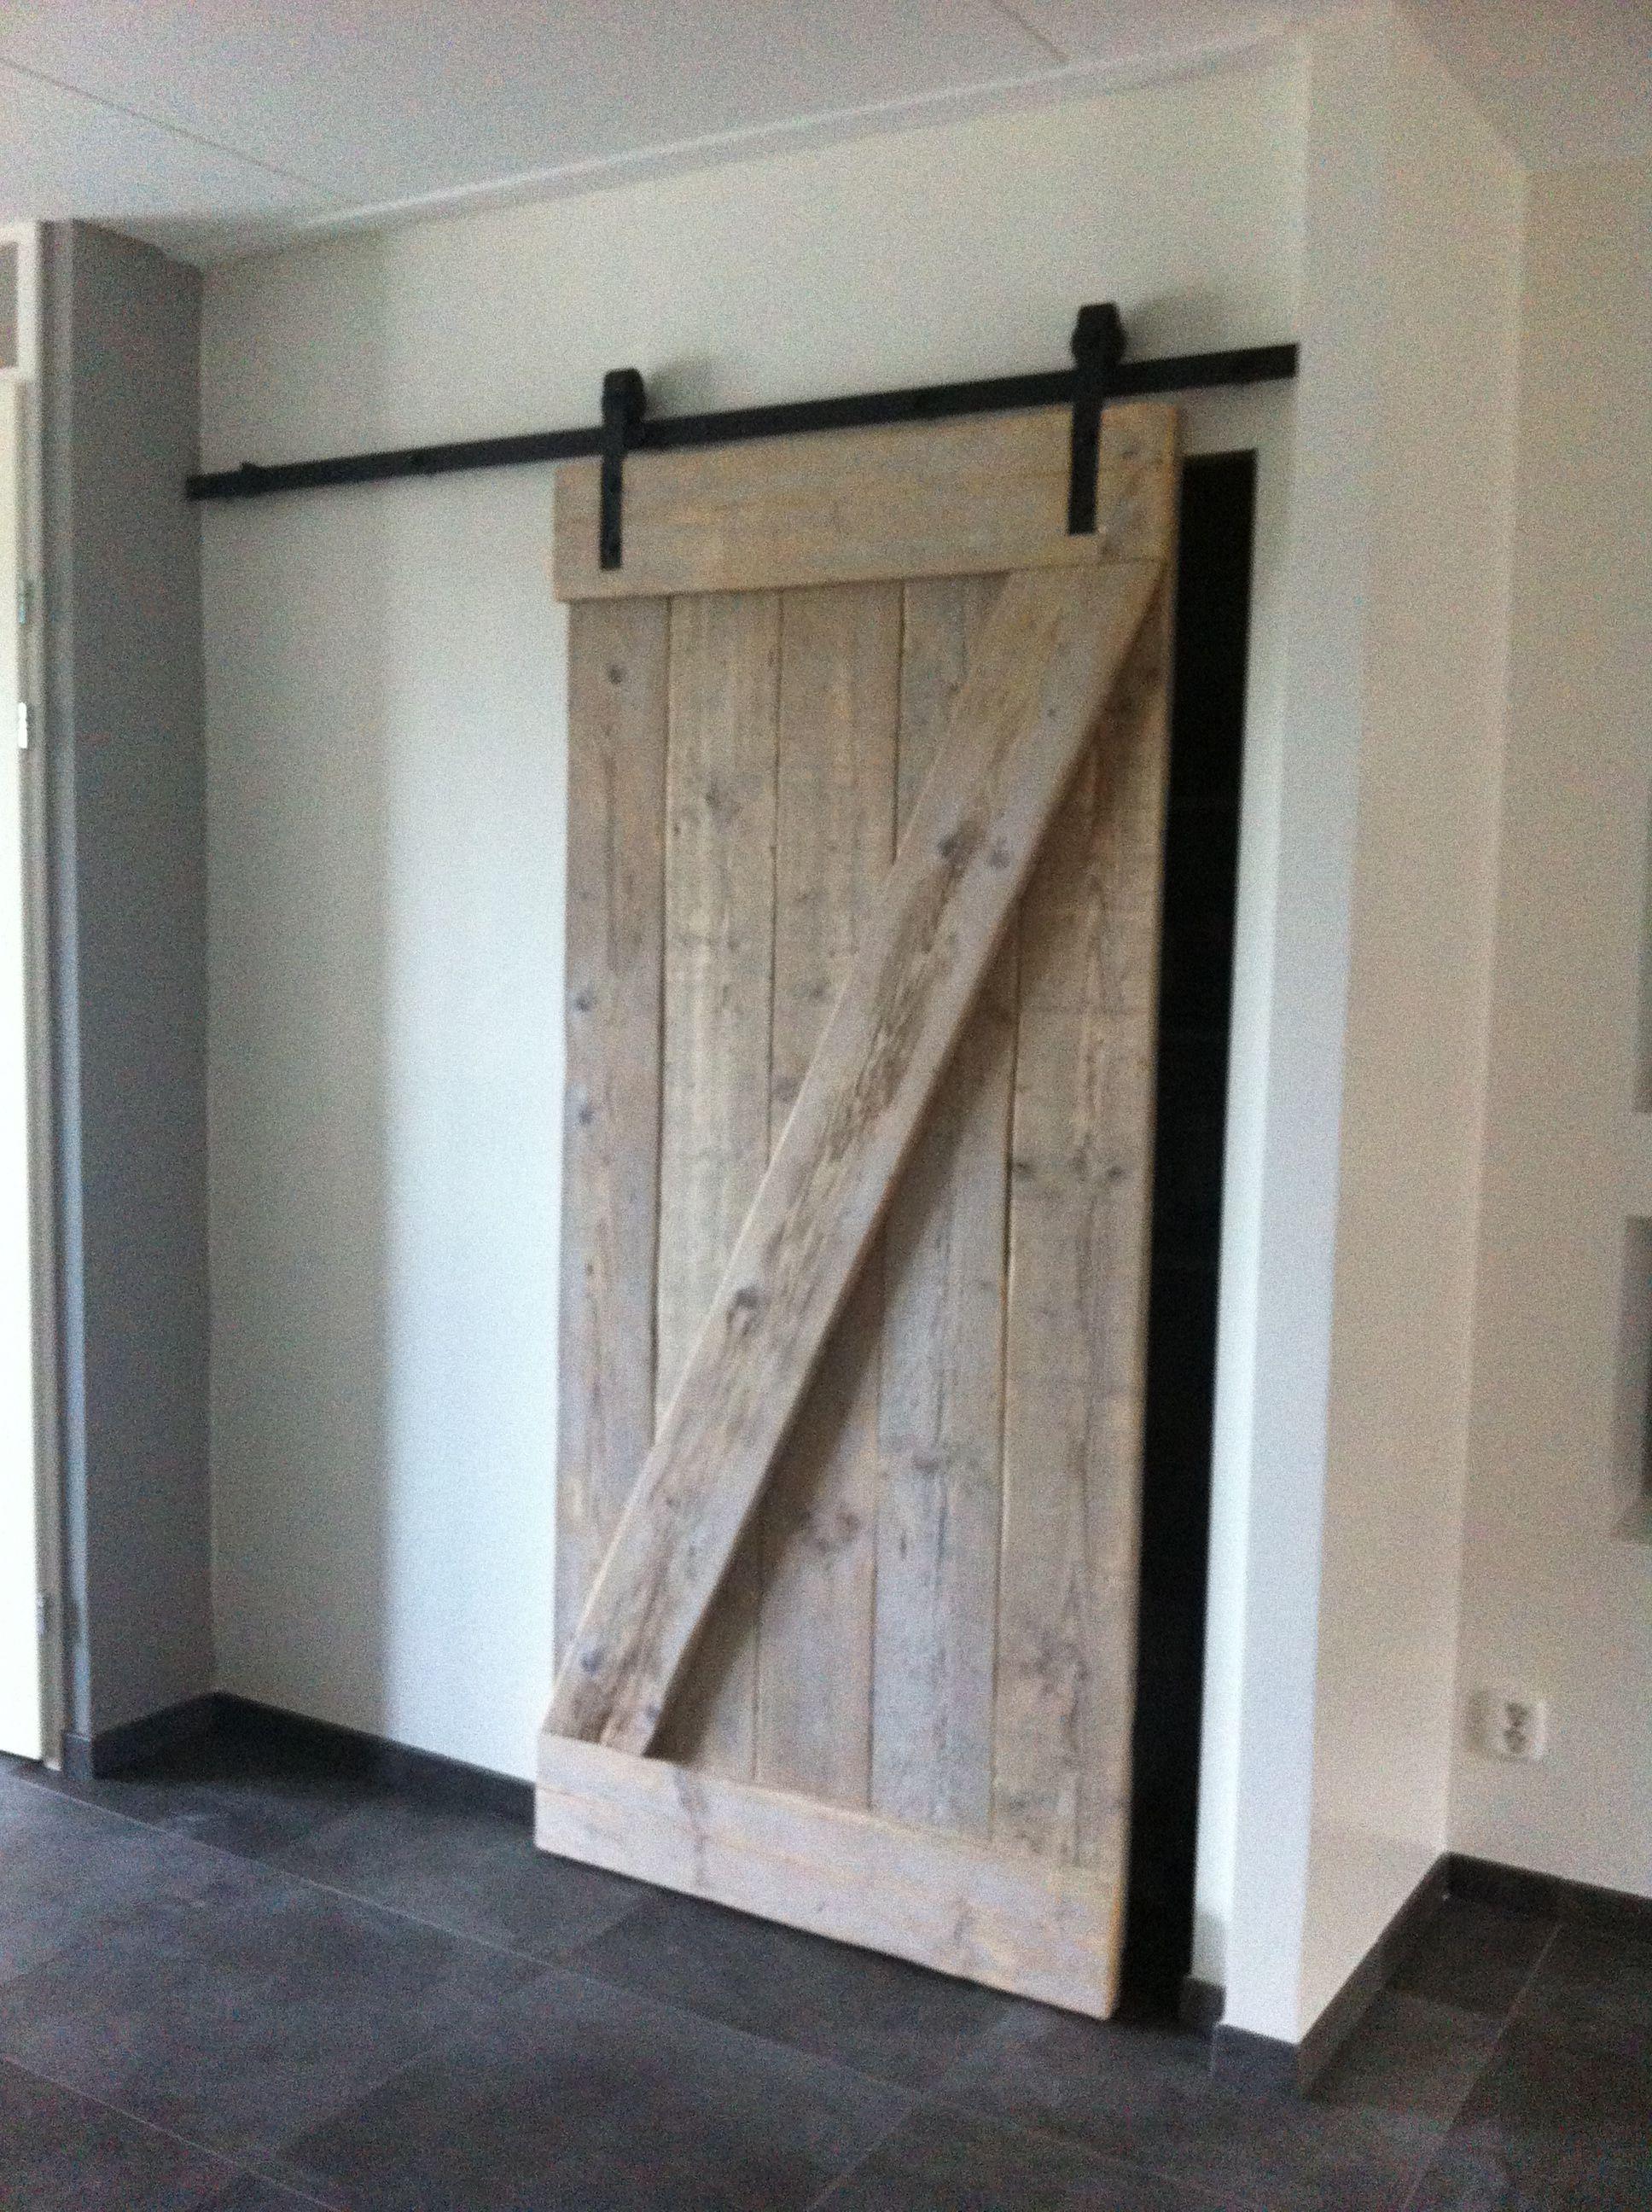 Super Steigerhouten deur, hangend aan een zwarte rail. Super leuke OD-48